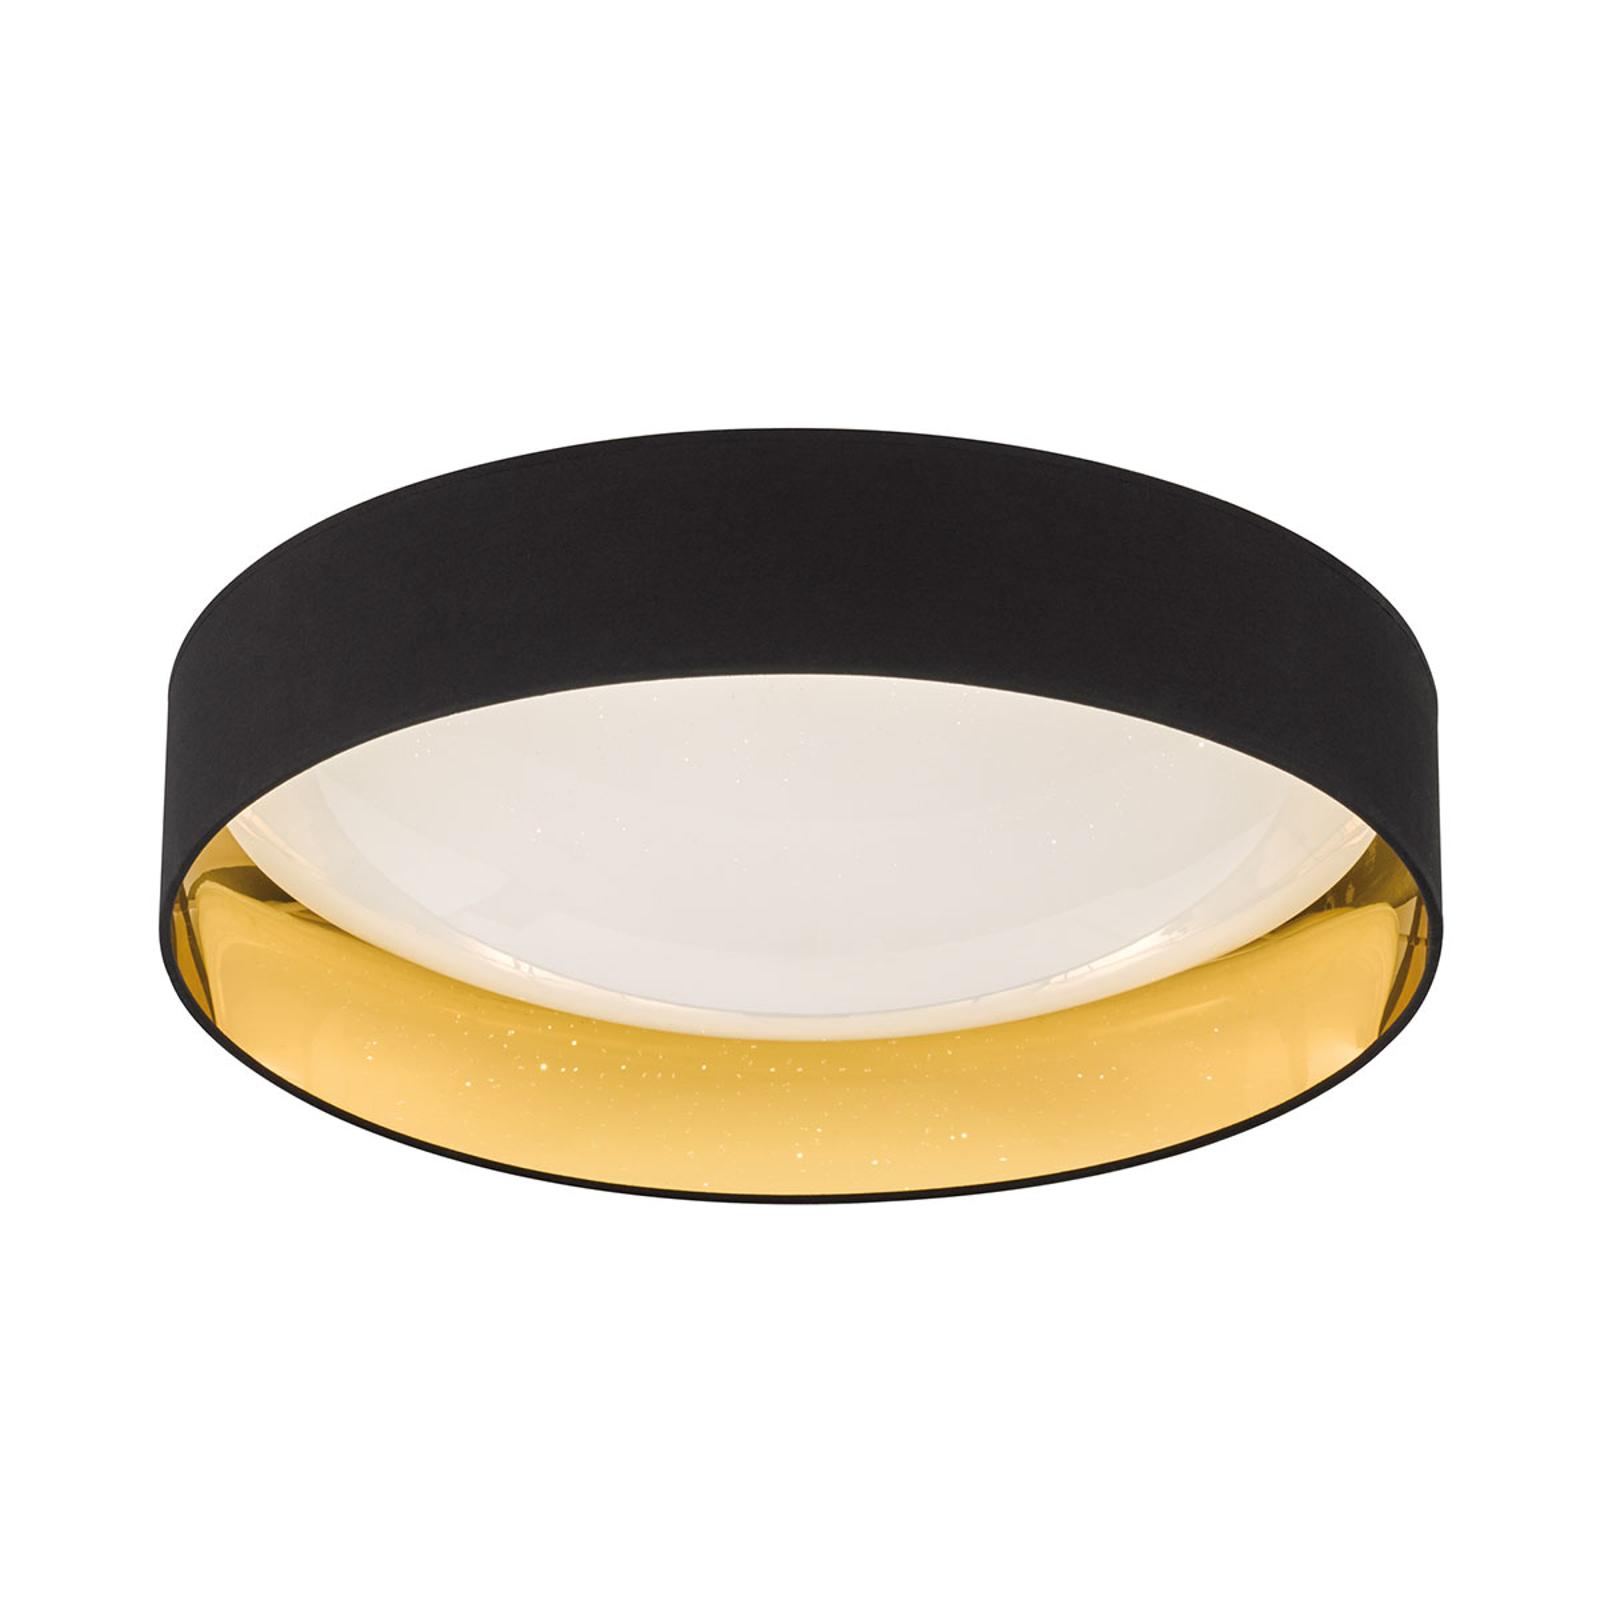 Plafonnier LED Sete noir-doré Ø 60cm